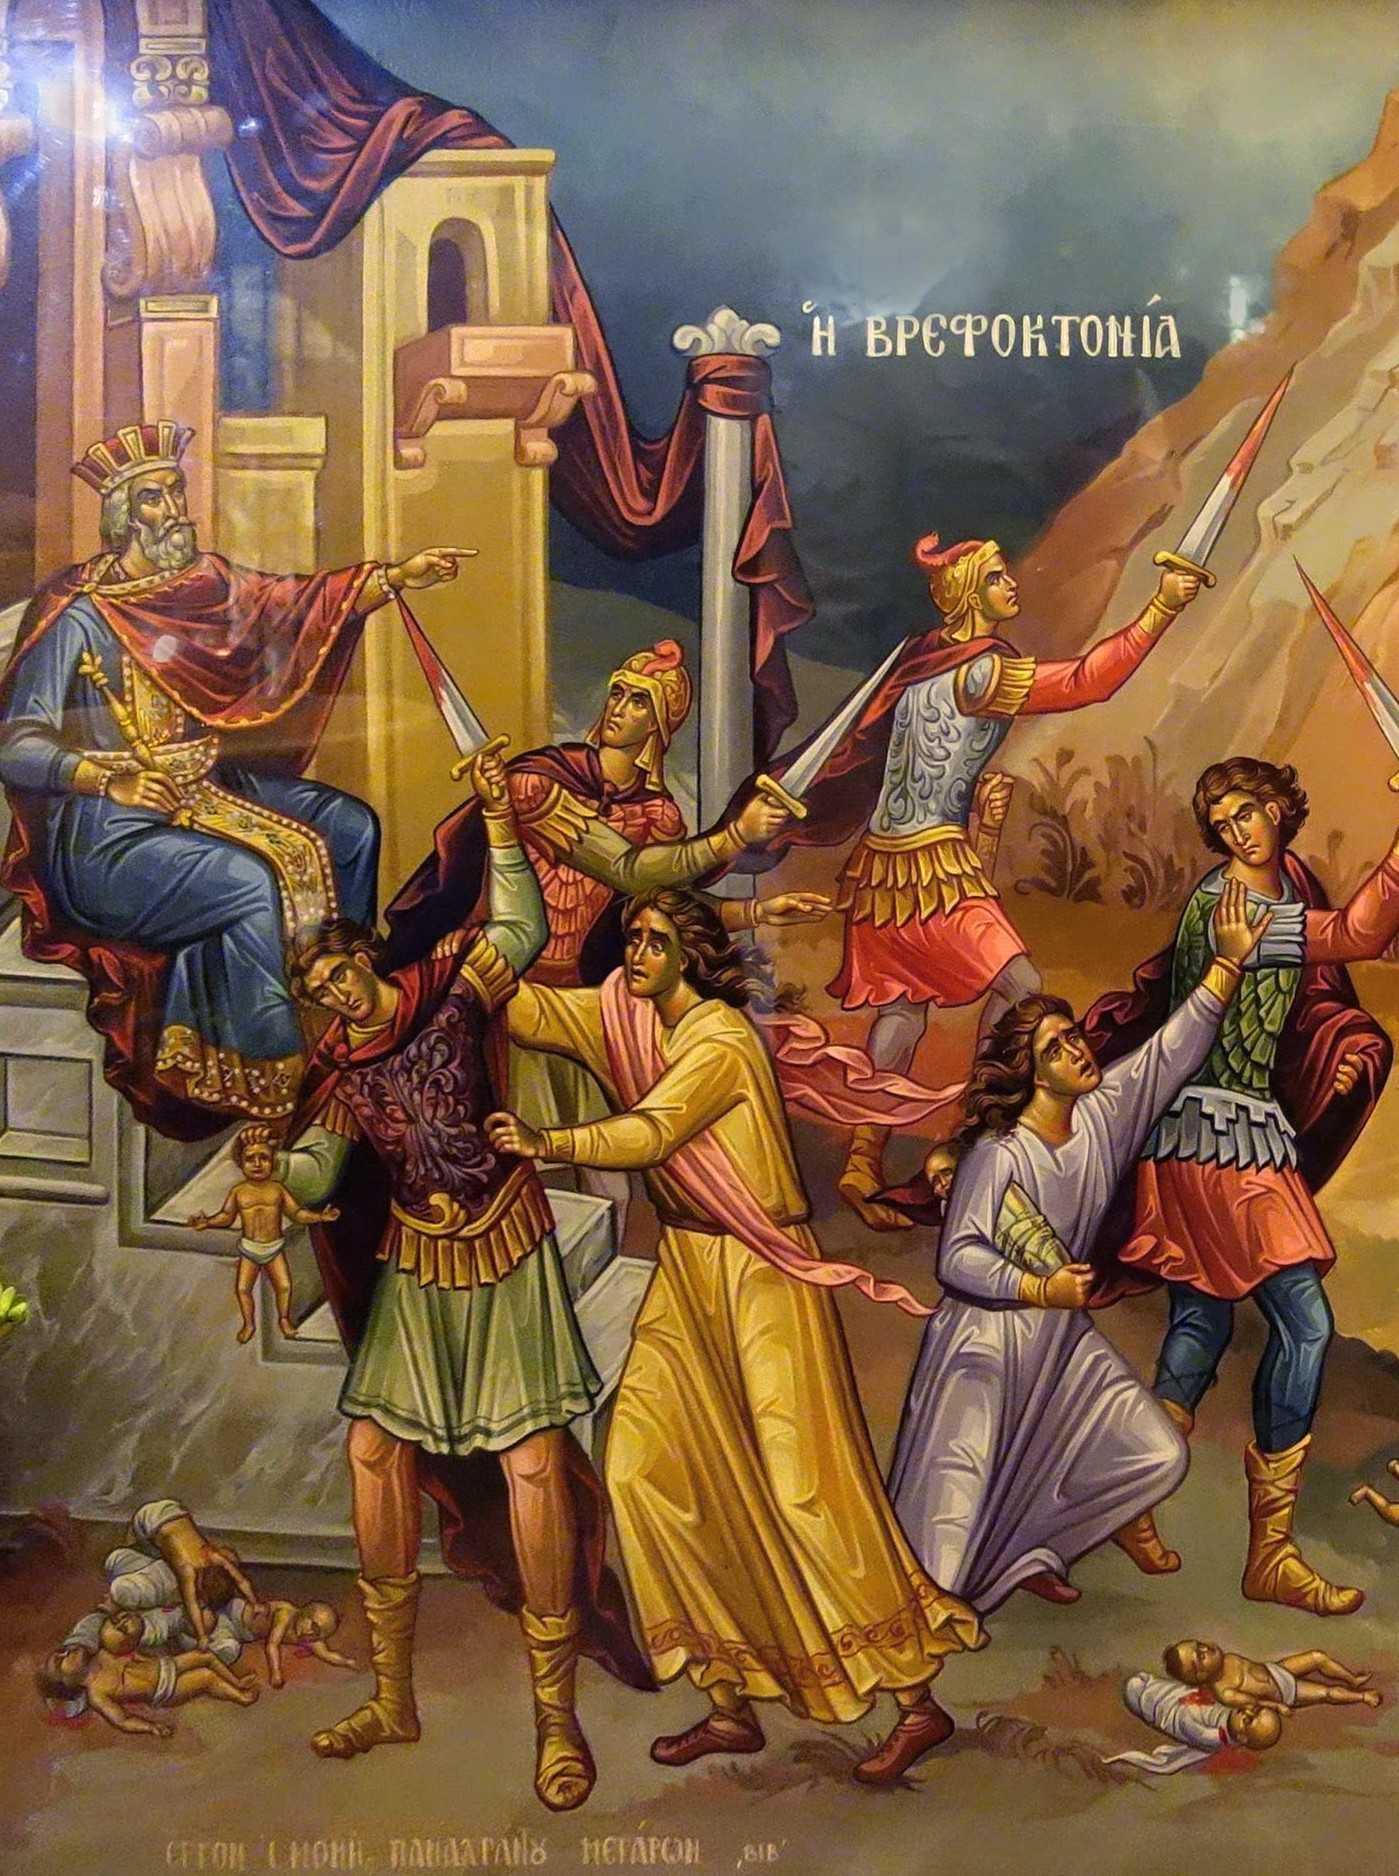 """""""IROD TRAIESTE PRINTRE NOI&#8221;. <i>&#8220;Stapanitorii acestei lumi Il doresc pe Dumnezeu AFARA nu numai din scolile publice, ci si din mintea si din inima copiilor&#8221;, cauta sa distruga chiar Biserica</i>. LUCIFER SI IROD &#8211; cele doua profiluri ale celor care CONDUC LUMEA DE ASTAZI. Predica Parintelui Dumitru Cobzaru (VIDEO)"""